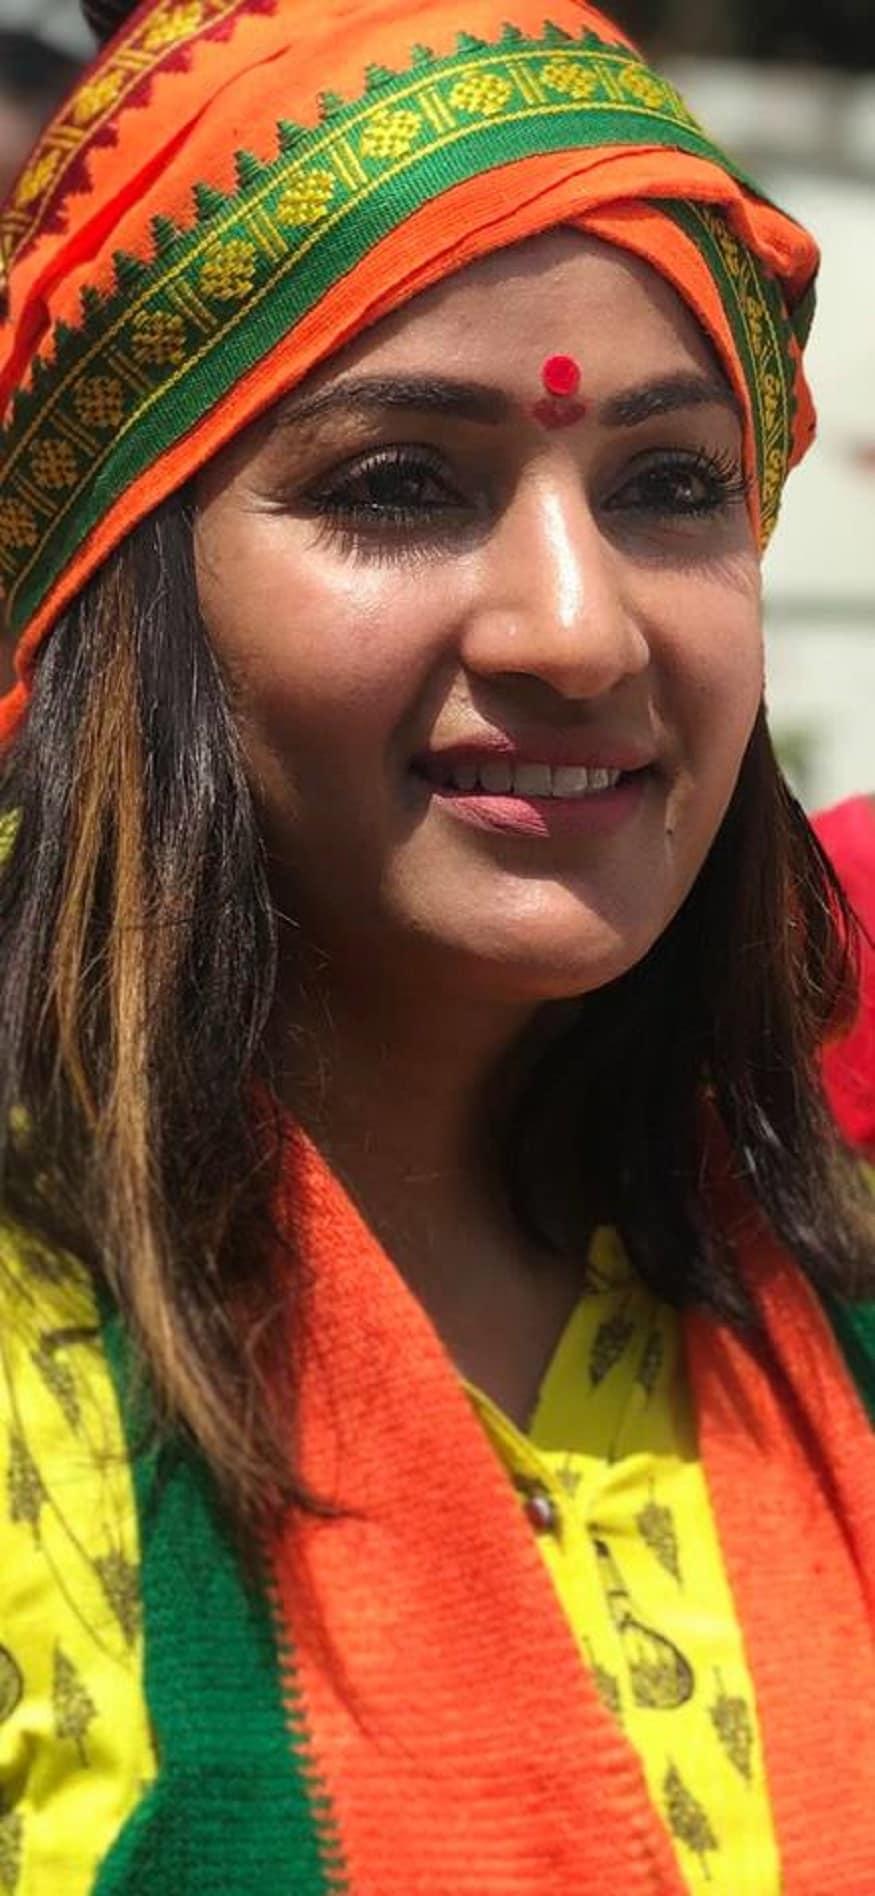 రాజకీయాల్లోకి రాకముందు పవన్ కల్యాణ్ తరపున హైదరాబాద్లో నిరసన దీక్ష చేశారు మాధవీలత. ఇప్పుడు ఎన్నికల సమయంలో ఆమె బీజేపీలో చేరారు. (Image : Facebook)